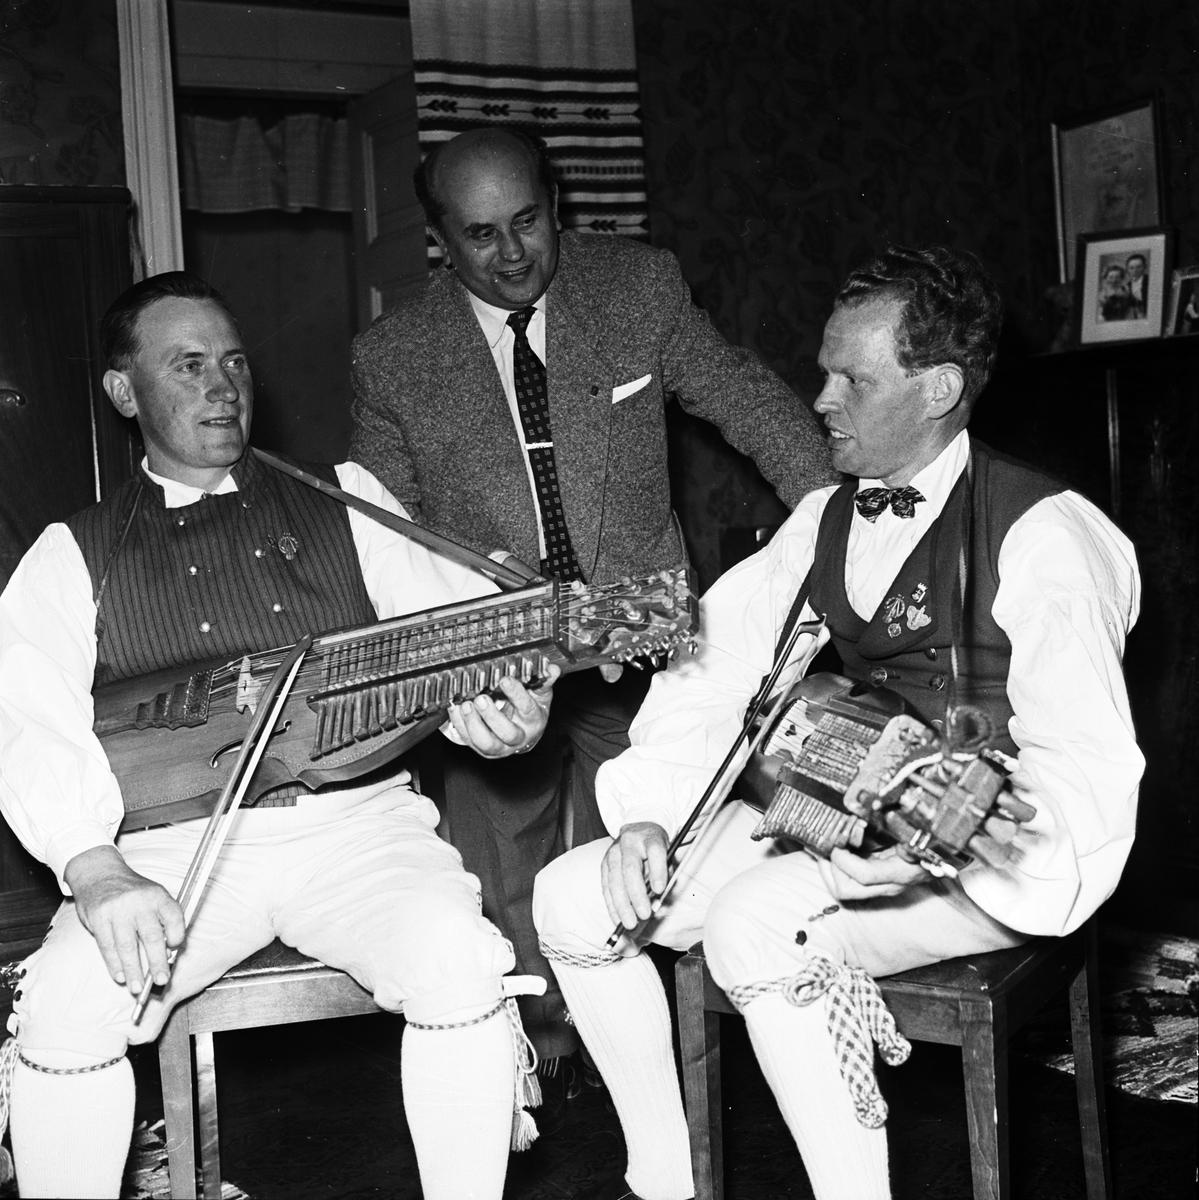 """Spelmännen Eric Sahlström och Gösta Sandström """"tillsammans med ryss före Rysslandsresan"""", Uppland 1956"""